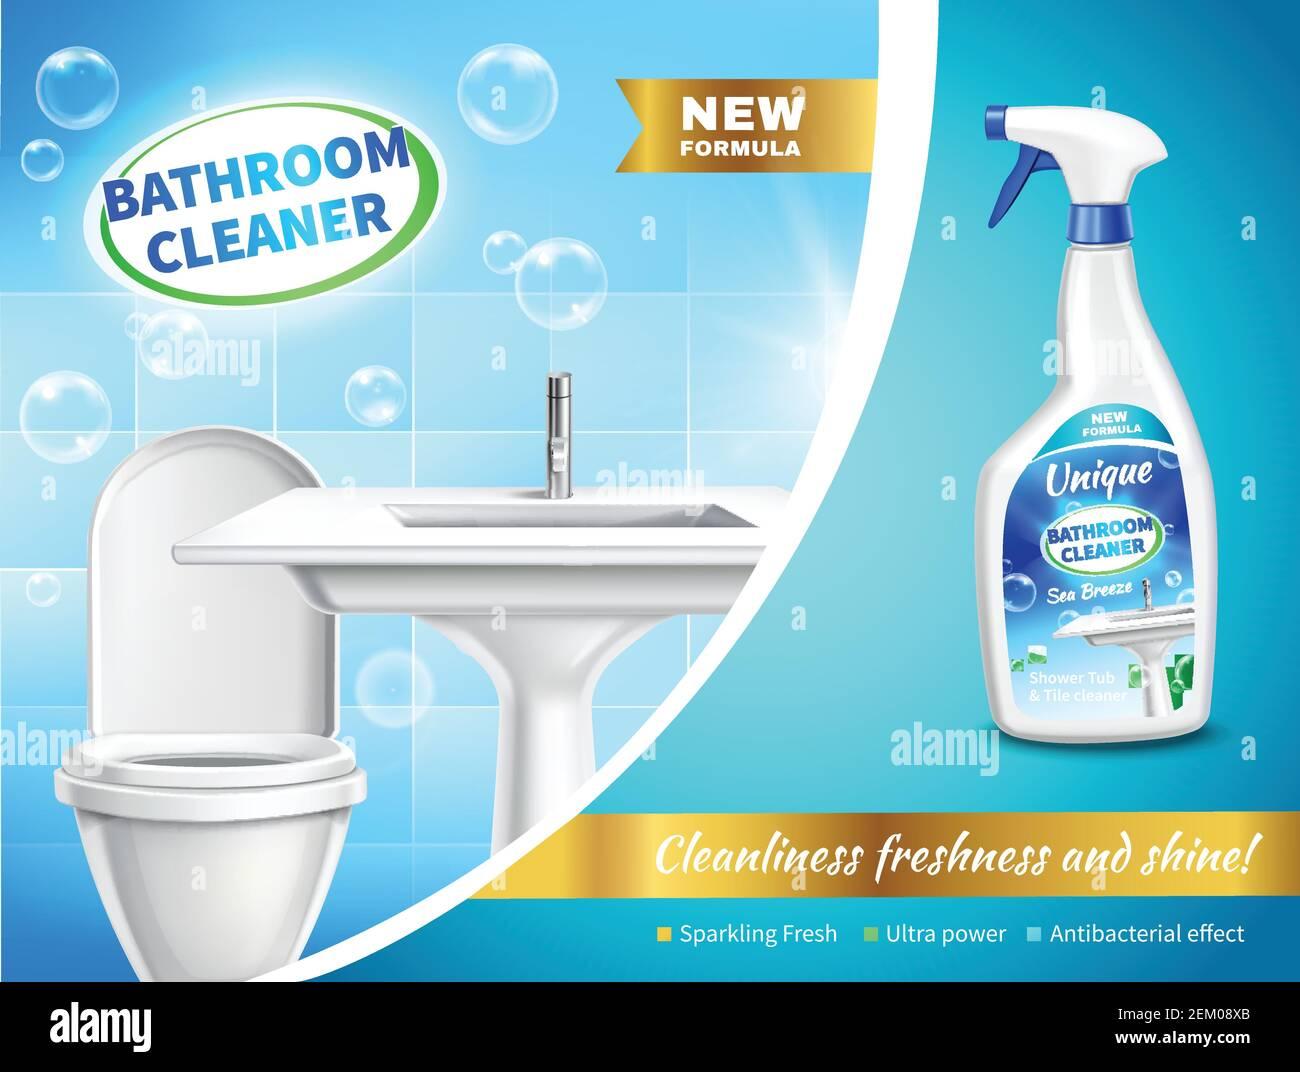 Badezimmer Reiniger Stock Vektorgrafiken kaufen   Alamy